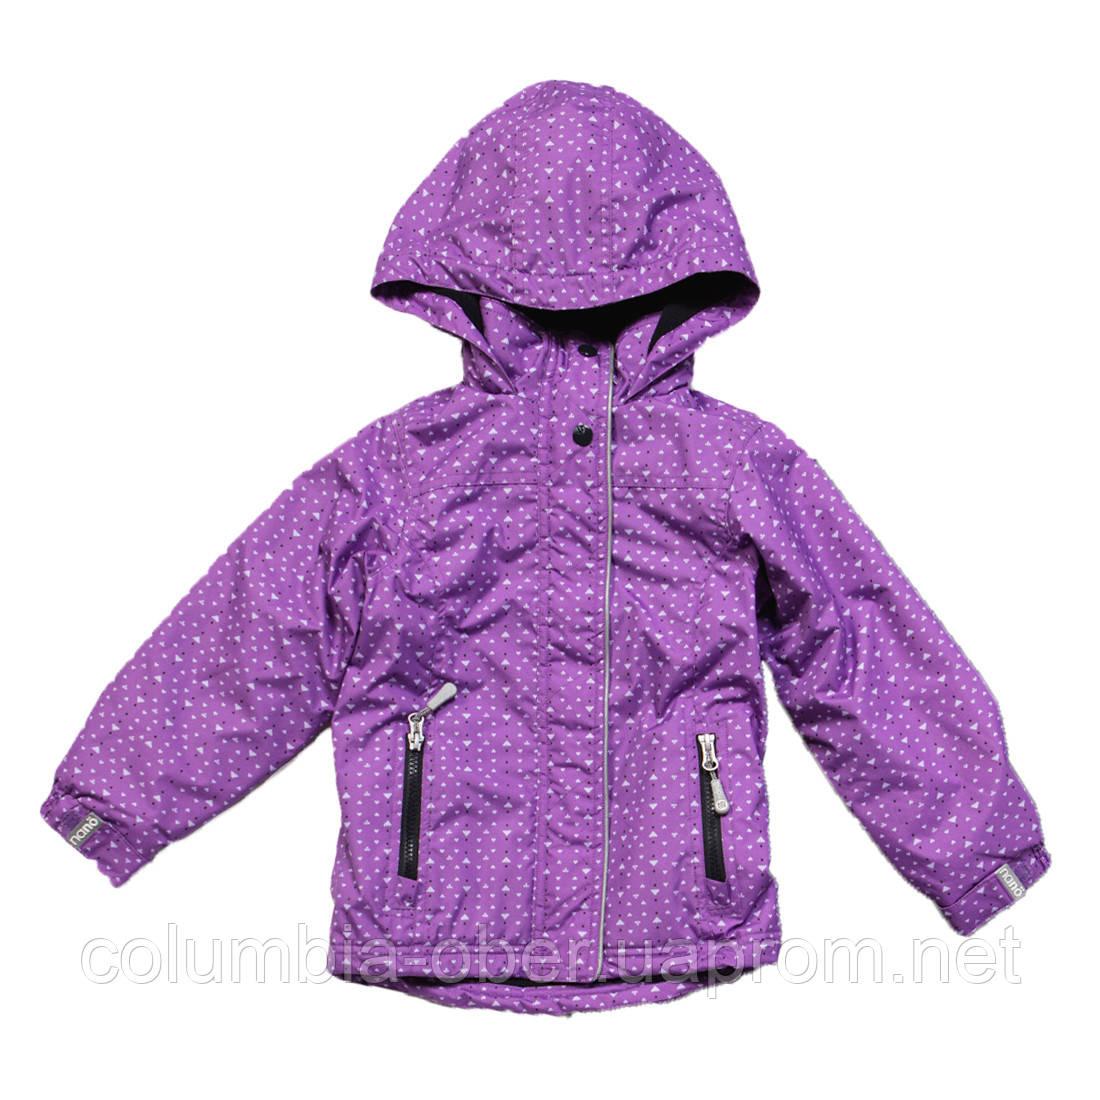 Демисезонная куртка-ветровка для девочки Nano S17J268 Lavander. Размеры 2 - 7 лет.